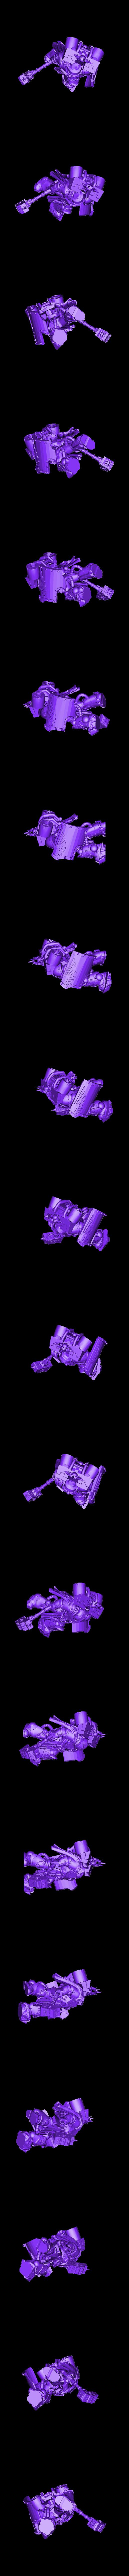 smashy_headless.stl Télécharger fichier STL gratuit le capitaine de smashy War Hammer • Modèle pour imprimante 3D, davikdesigns